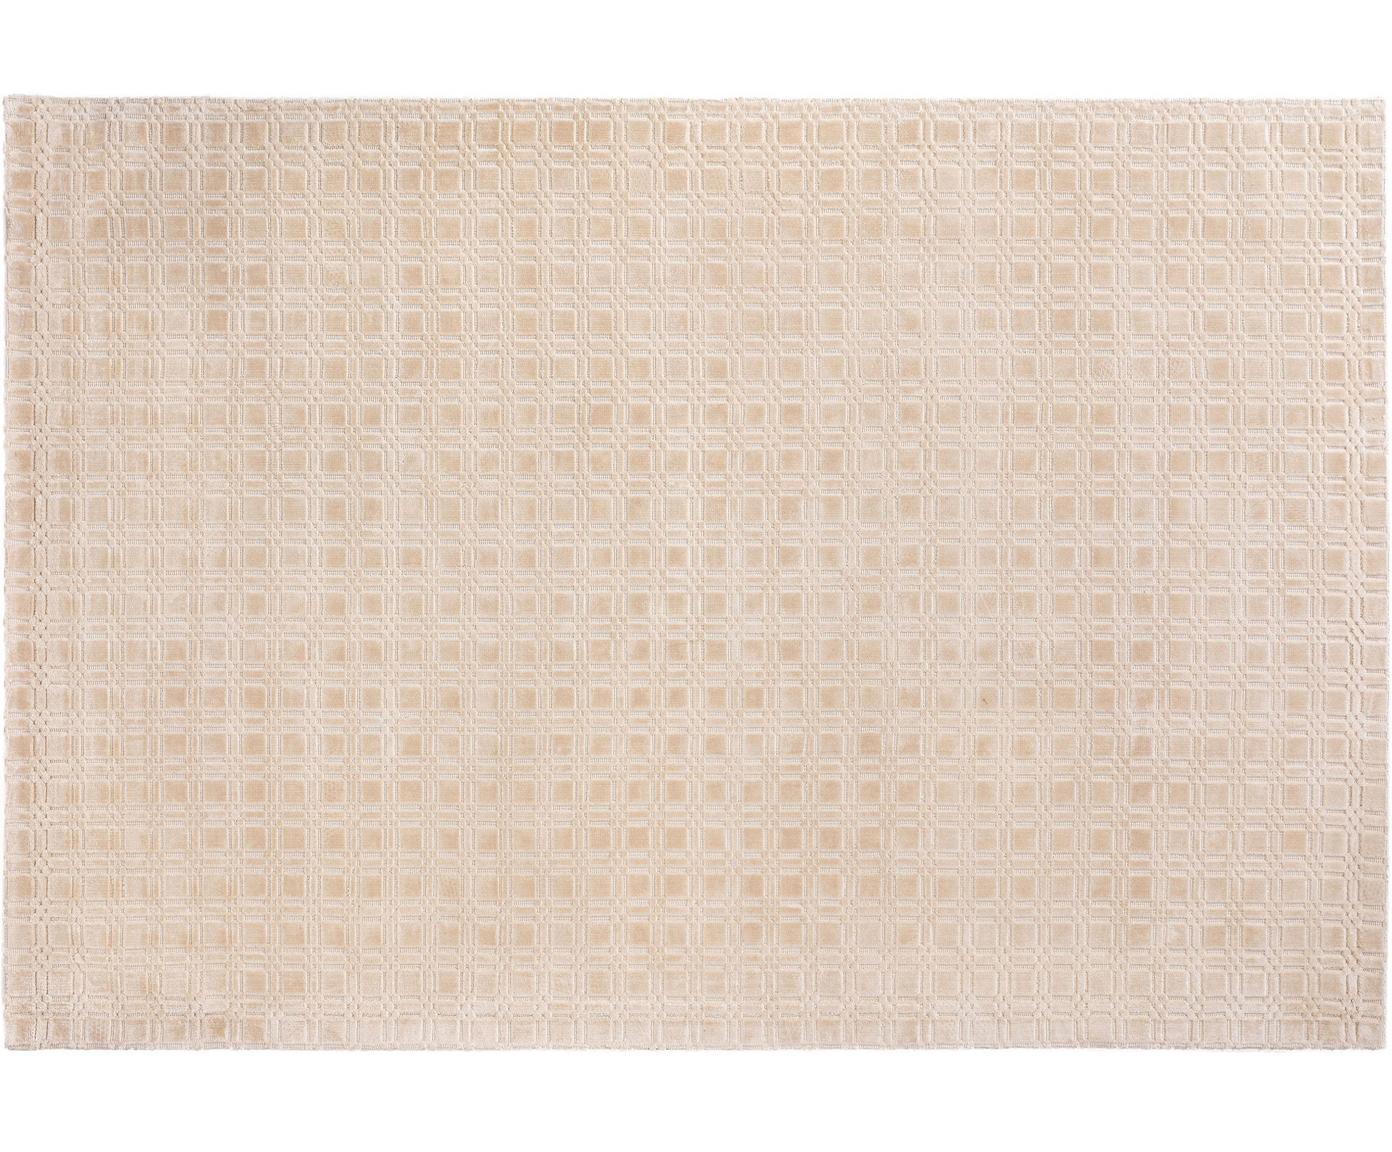 Ręcznie tkany dywan z wiskozy Nelson, Wiskoza, Kremowy, S 140 x D 200 cm (Rozmiar S)